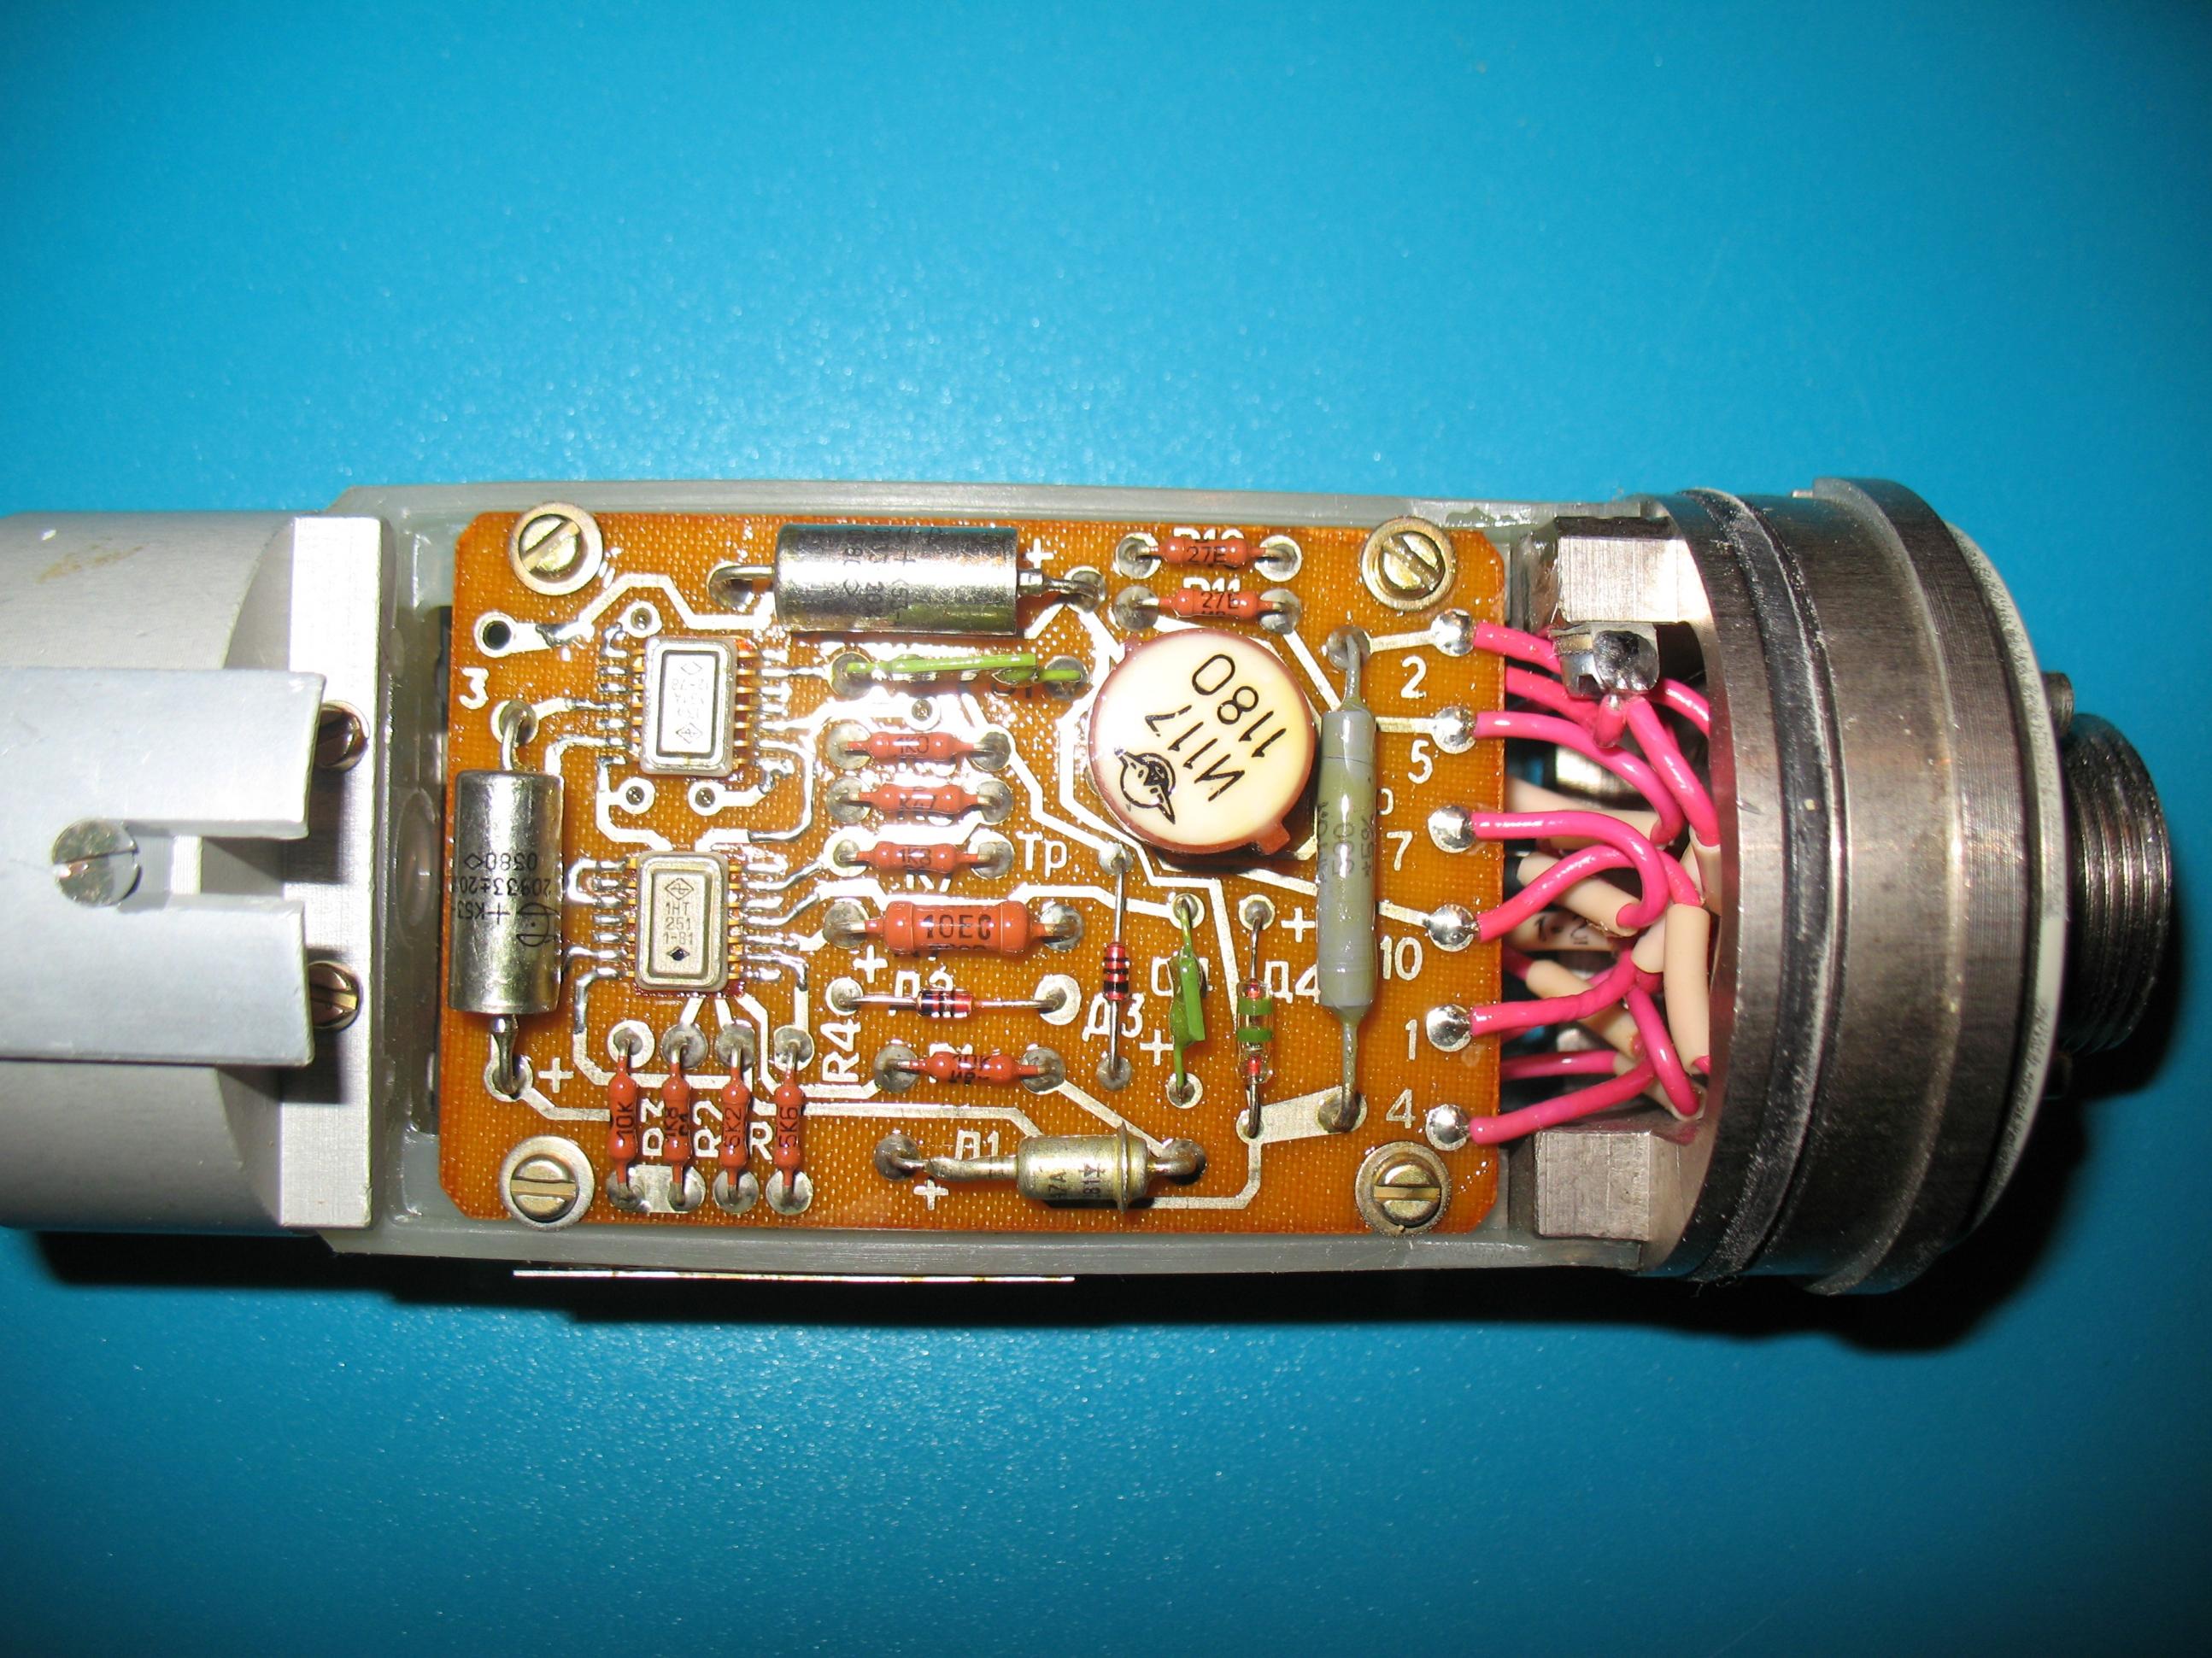 Помогите определить назначение устройства Внутри БД находится счётчик в частности СБМ 20 контрольный источник Т 17 и плата для обработки импульсов со счётчика если не разбирать сам контрольный